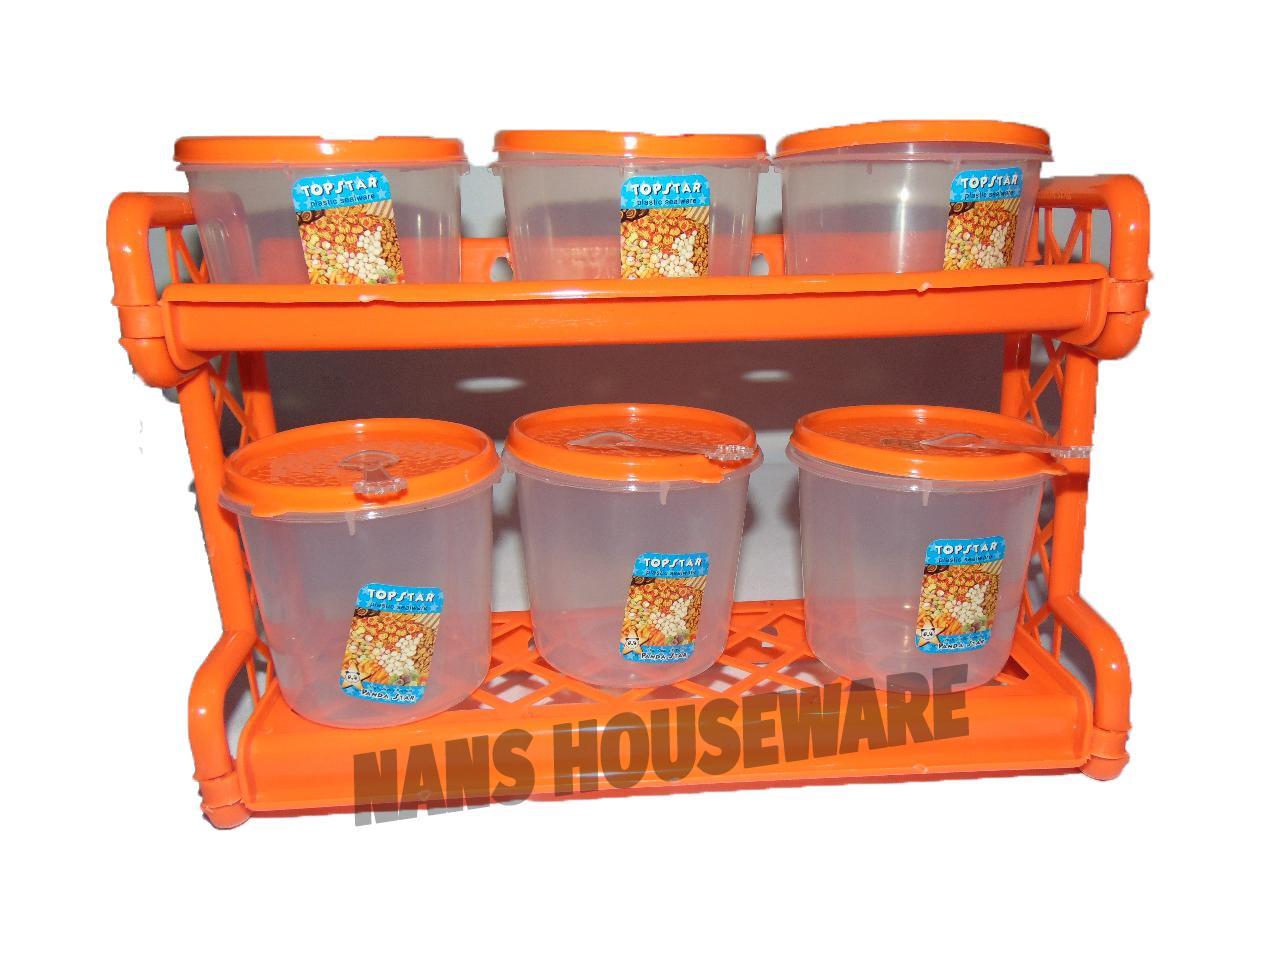 Rak Bumbu Susun / Wadah Bumbu Susun / Perlengkapan Dapur Memasak (6pc + Rak bumbu